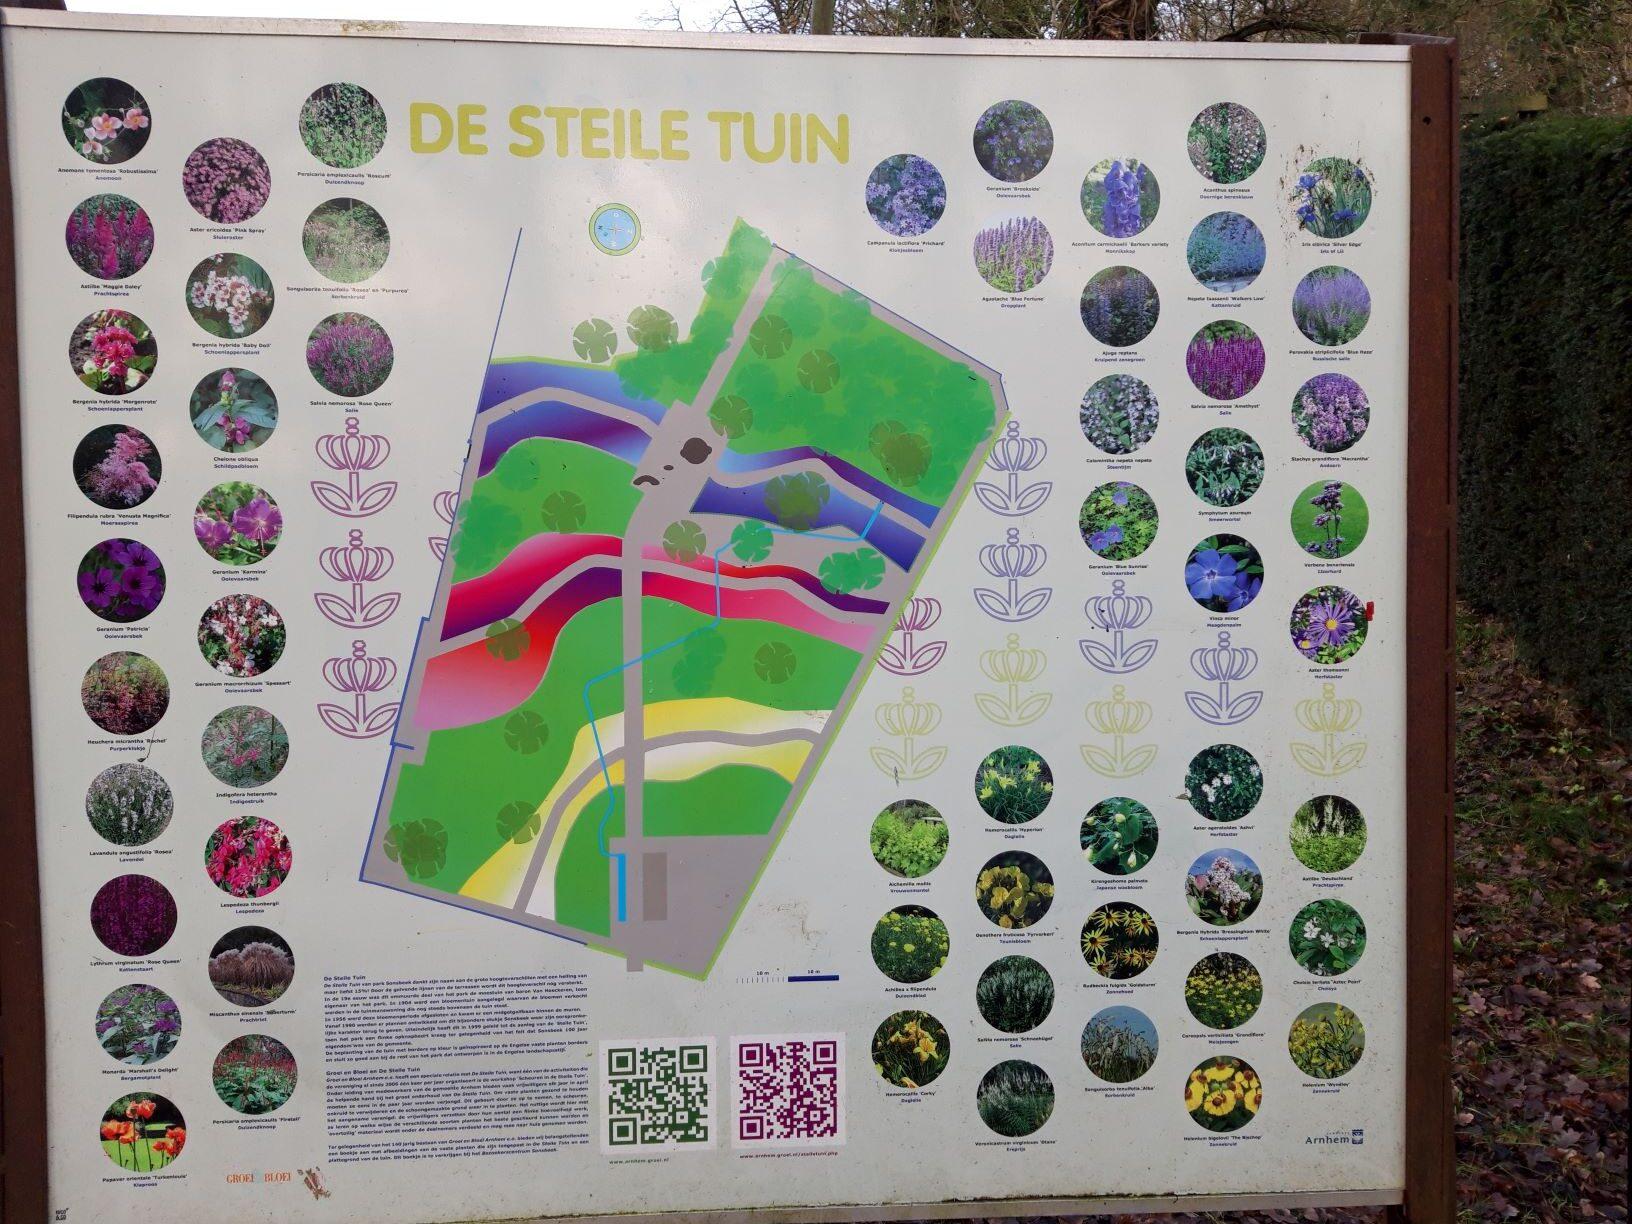 20210110_145539 (2) -Arnhem (NL) - Park Sonsbeek - De Steile Tuin - 100 jarig bestaan Sonsbeek - oude moestuin - kleurrijk beplantingsplan - Vereniging 'Groei en Bloei' afdeling Arnhem e.o.